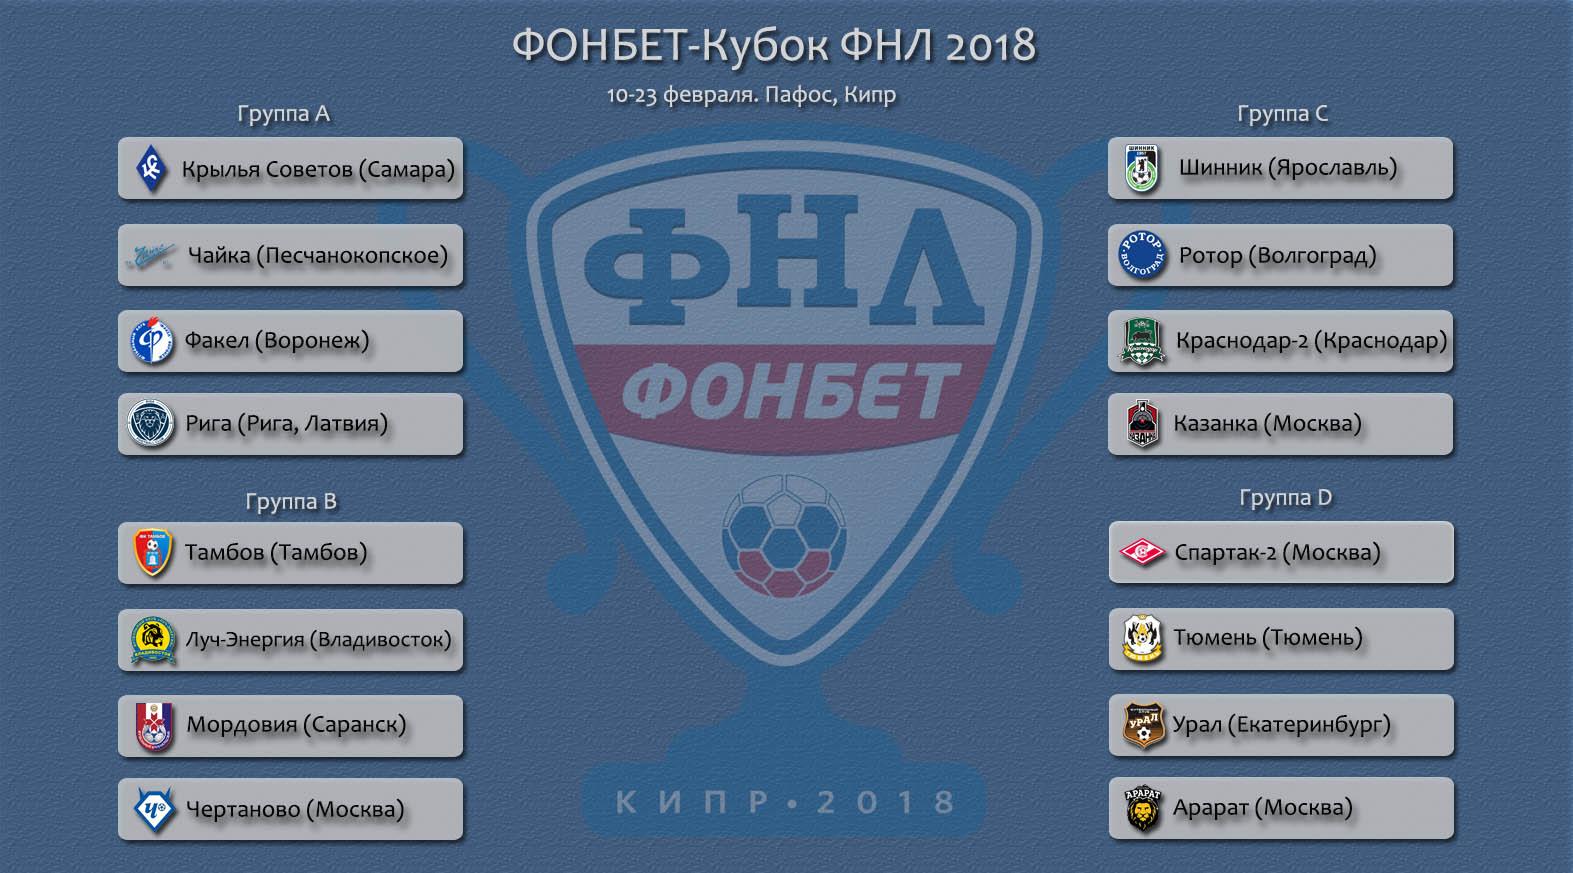 тойота фортунер 2018 или паджеро спорт 2018